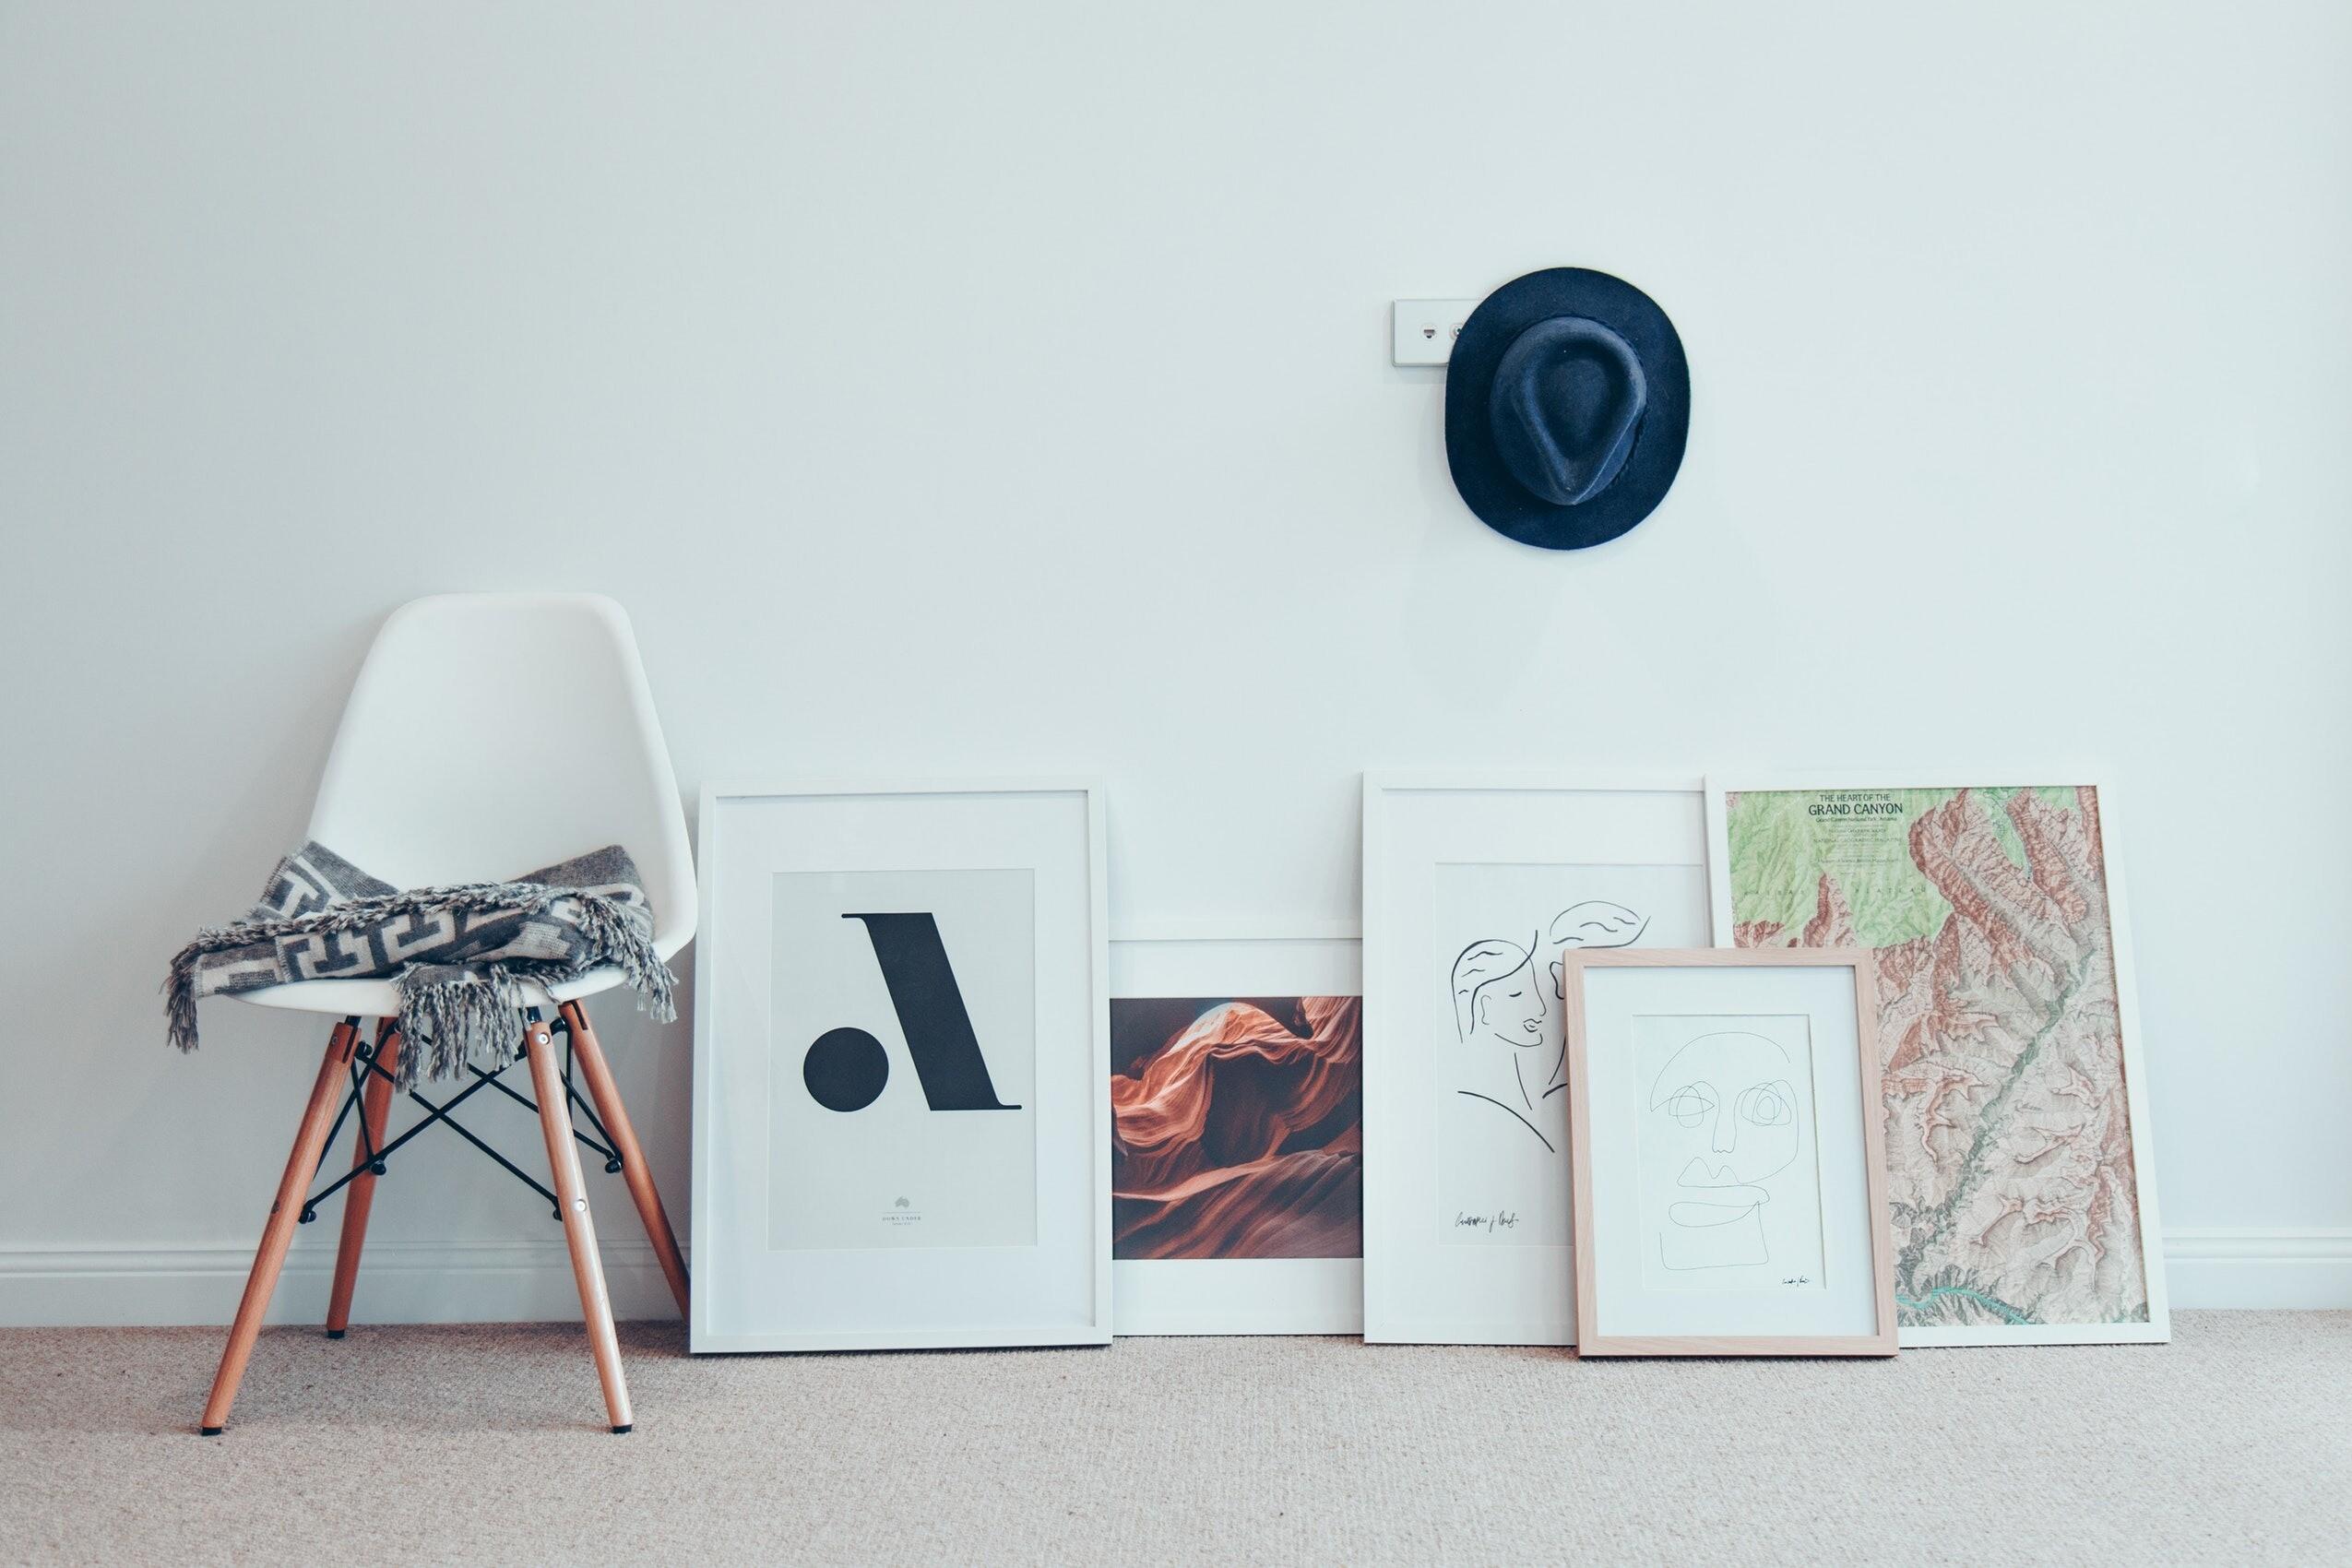 Самовольная перепланировка квартиры: как ее узаконить самостоятельно в 2019 году